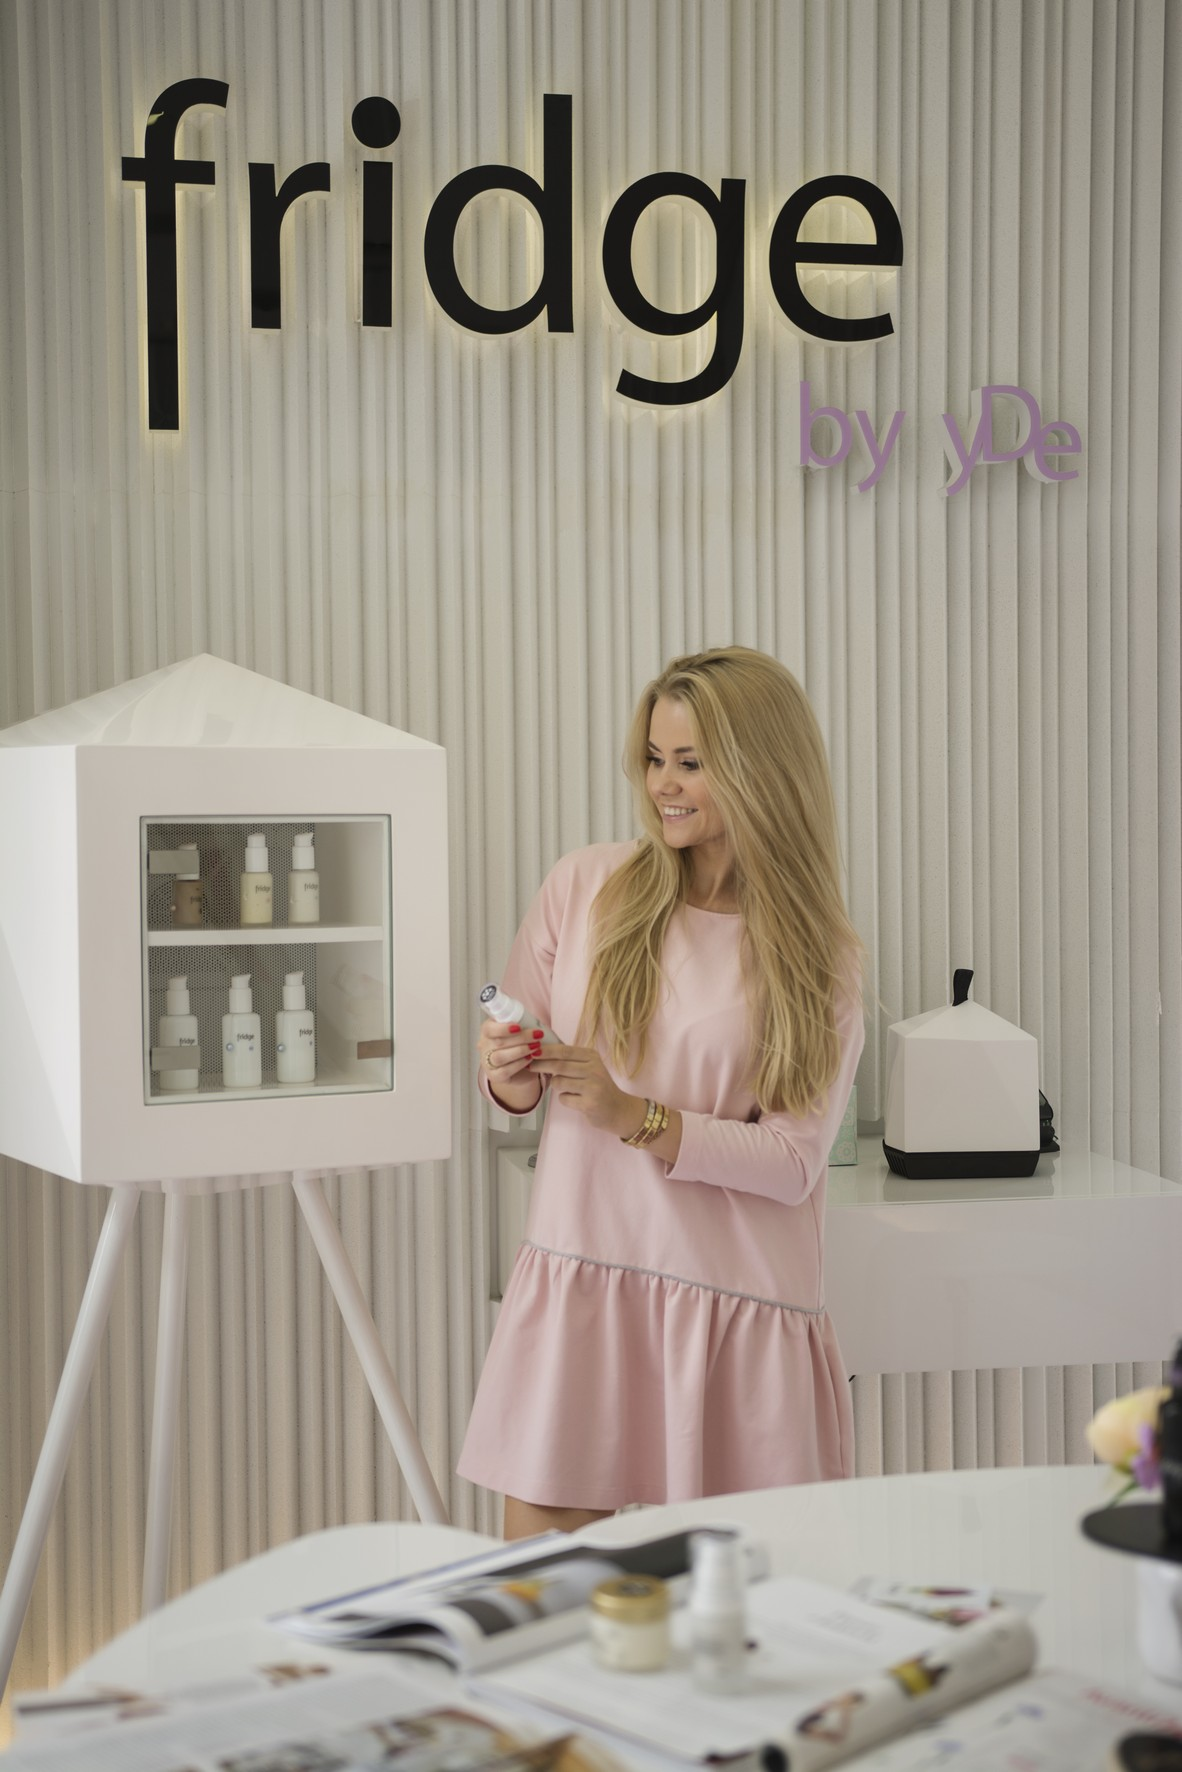 Fridge By Yde świeże Kosmetyki Prosto Z Lodówki